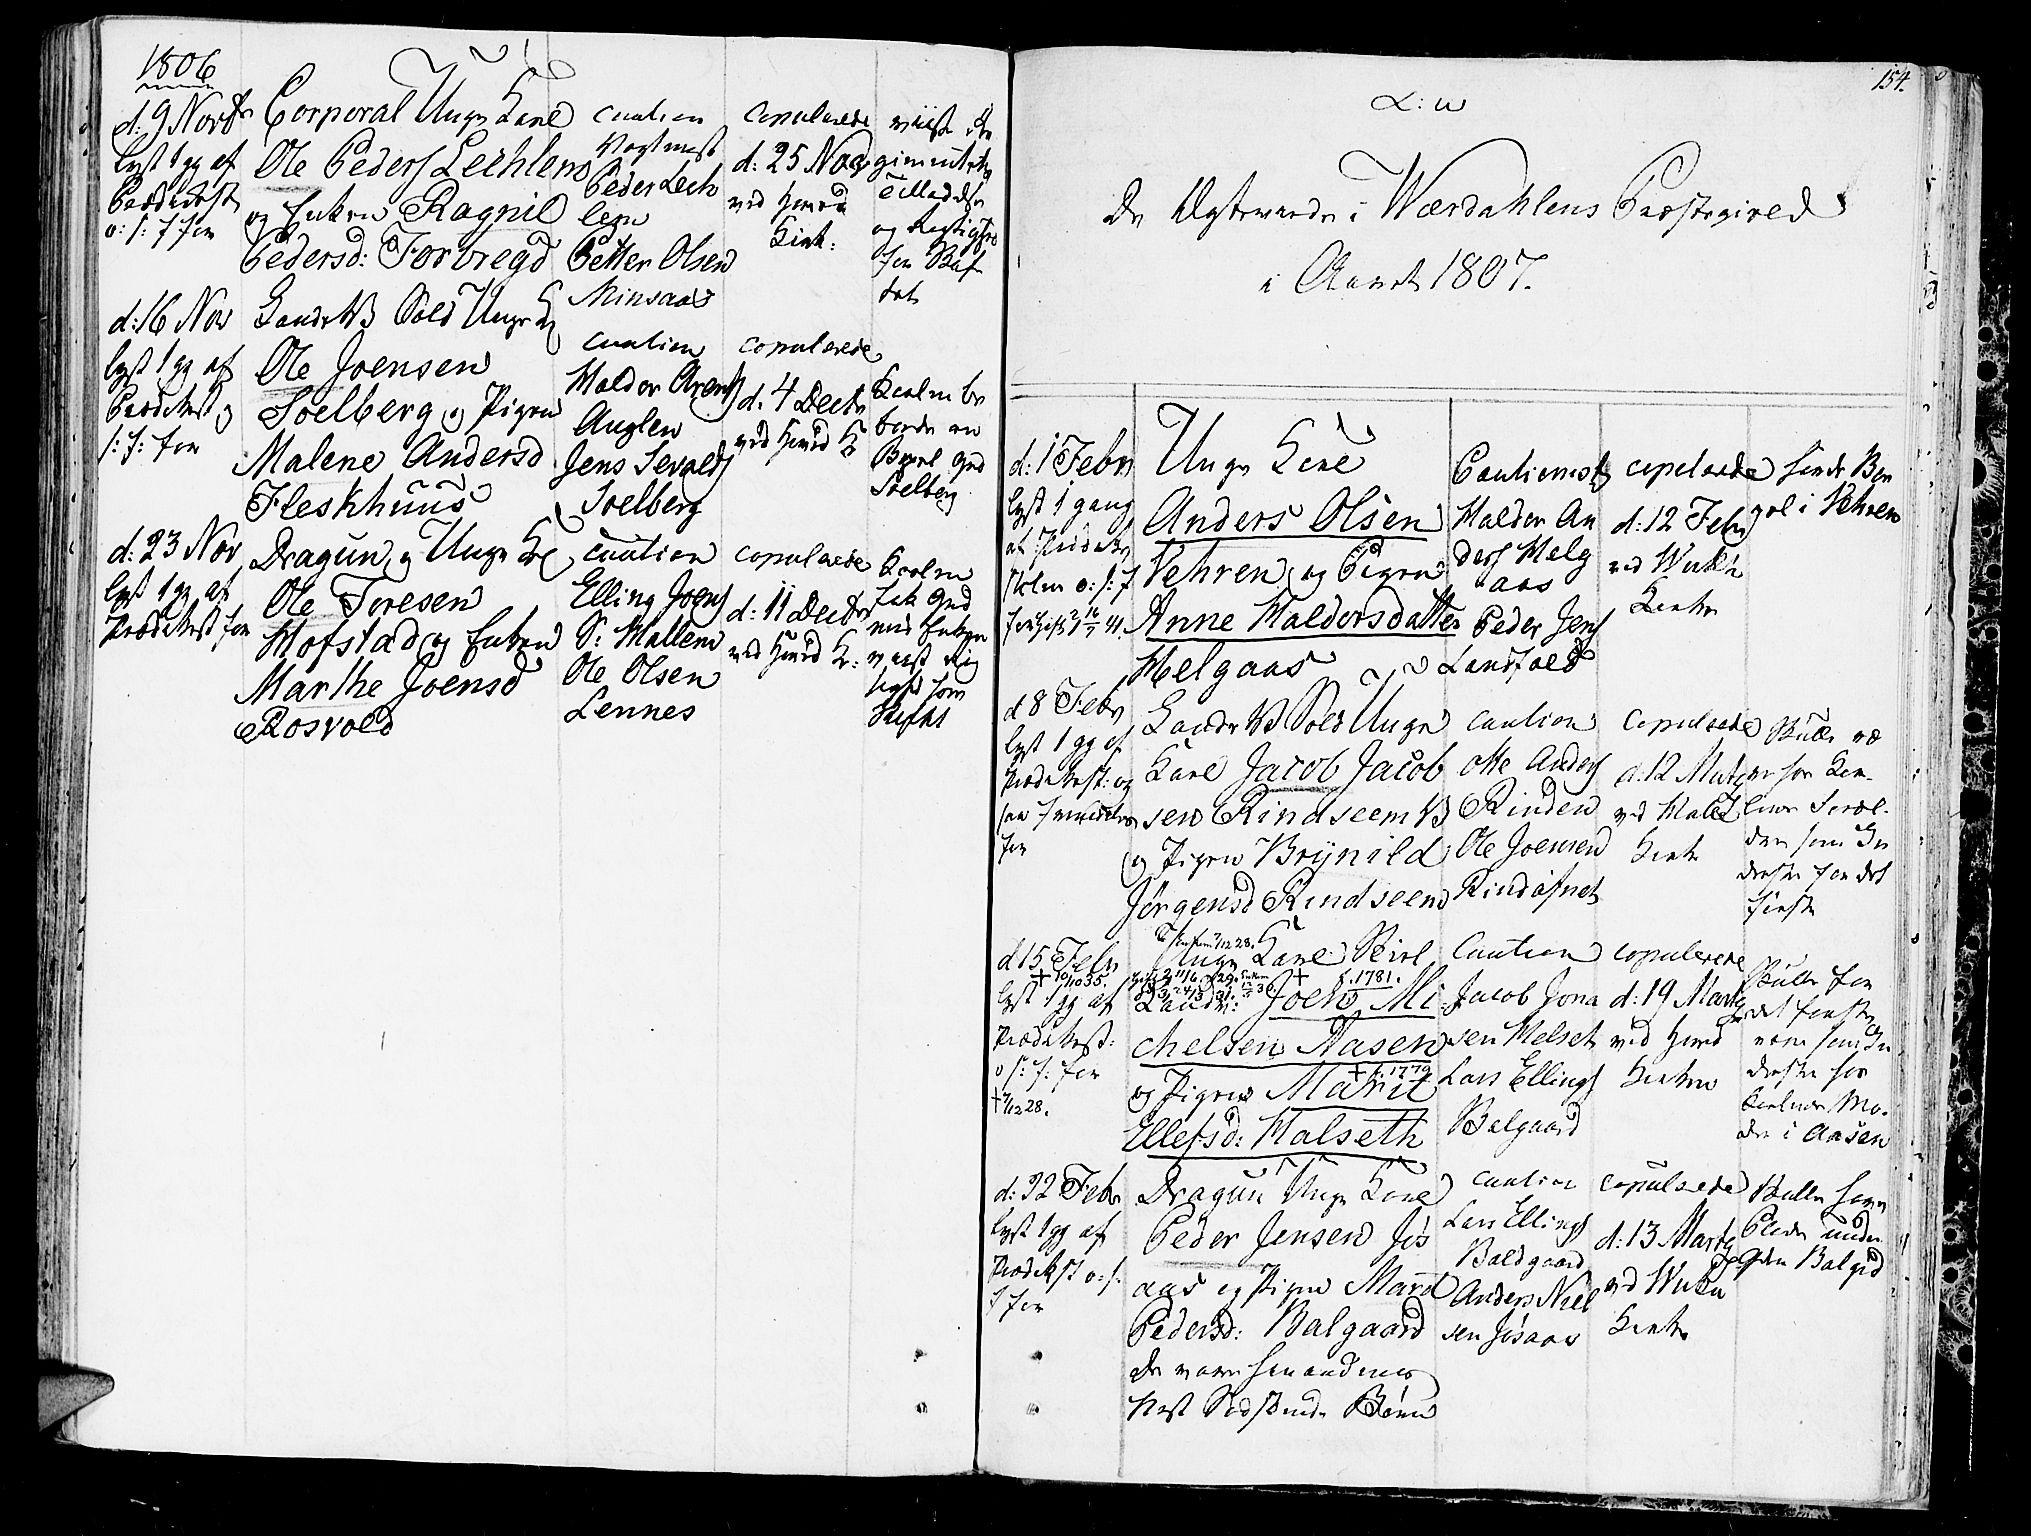 SAT, Ministerialprotokoller, klokkerbøker og fødselsregistre - Nord-Trøndelag, 723/L0233: Ministerialbok nr. 723A04, 1805-1816, s. 154